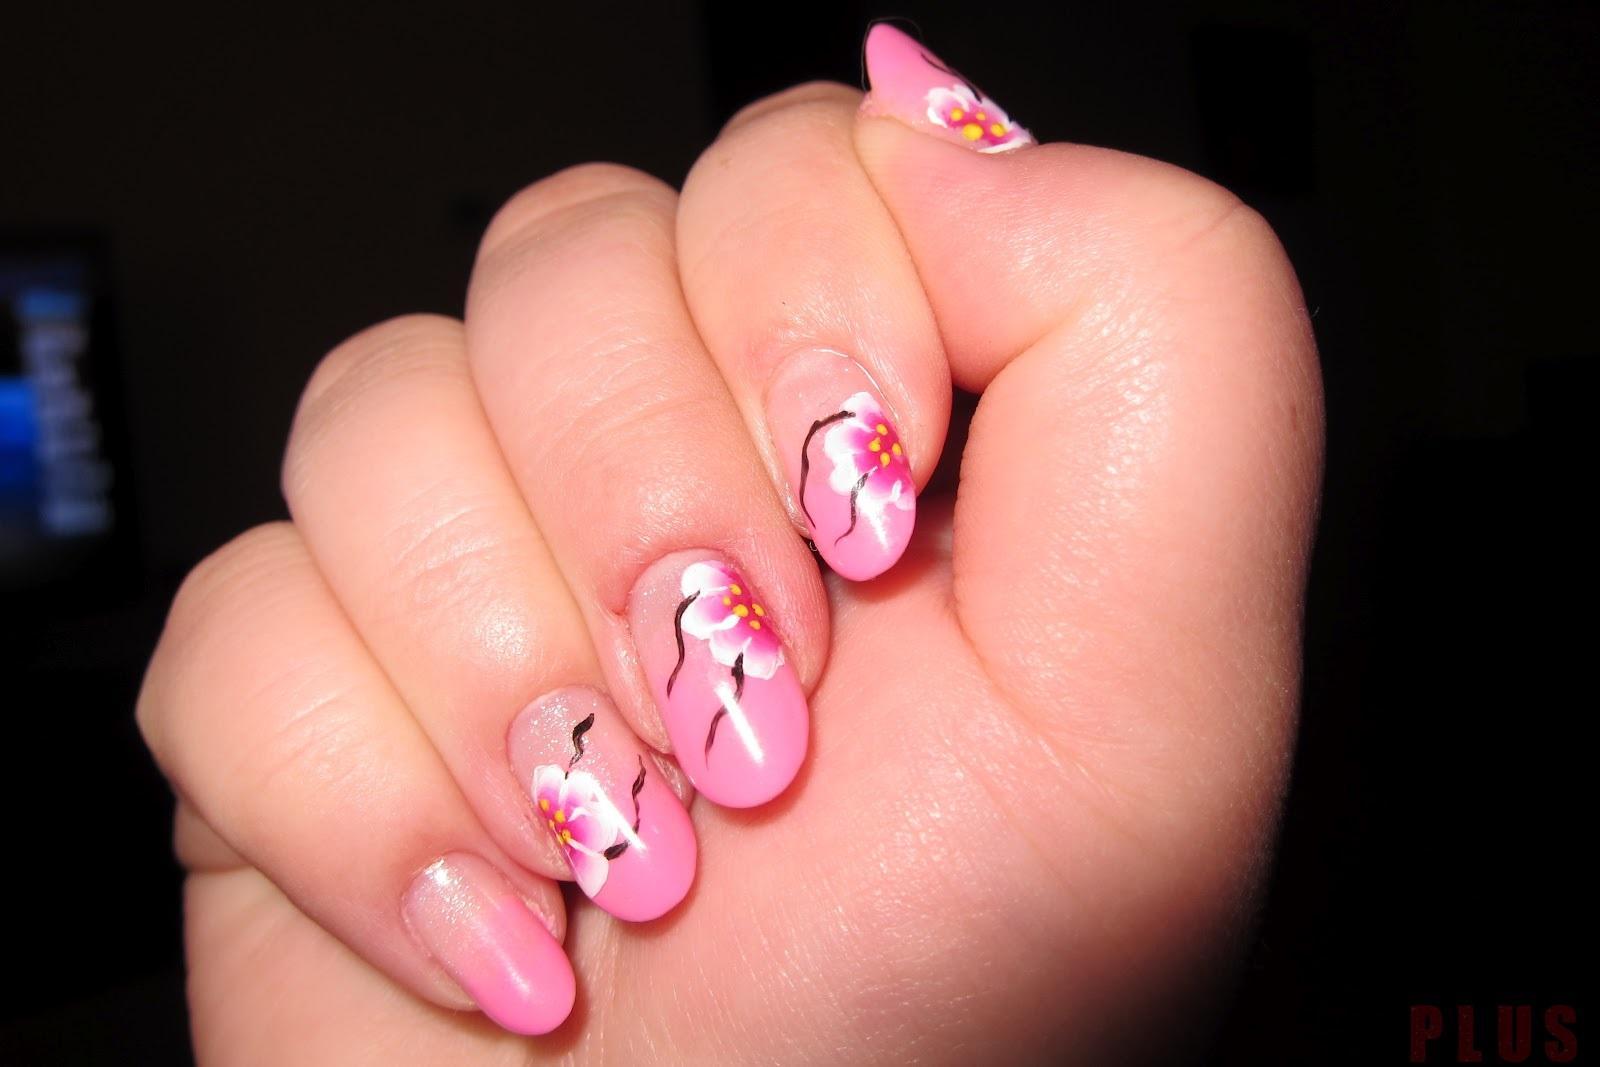 Những mẫu nail móng tay màu đỏ hồng tuyệt đẹp bắt mắt